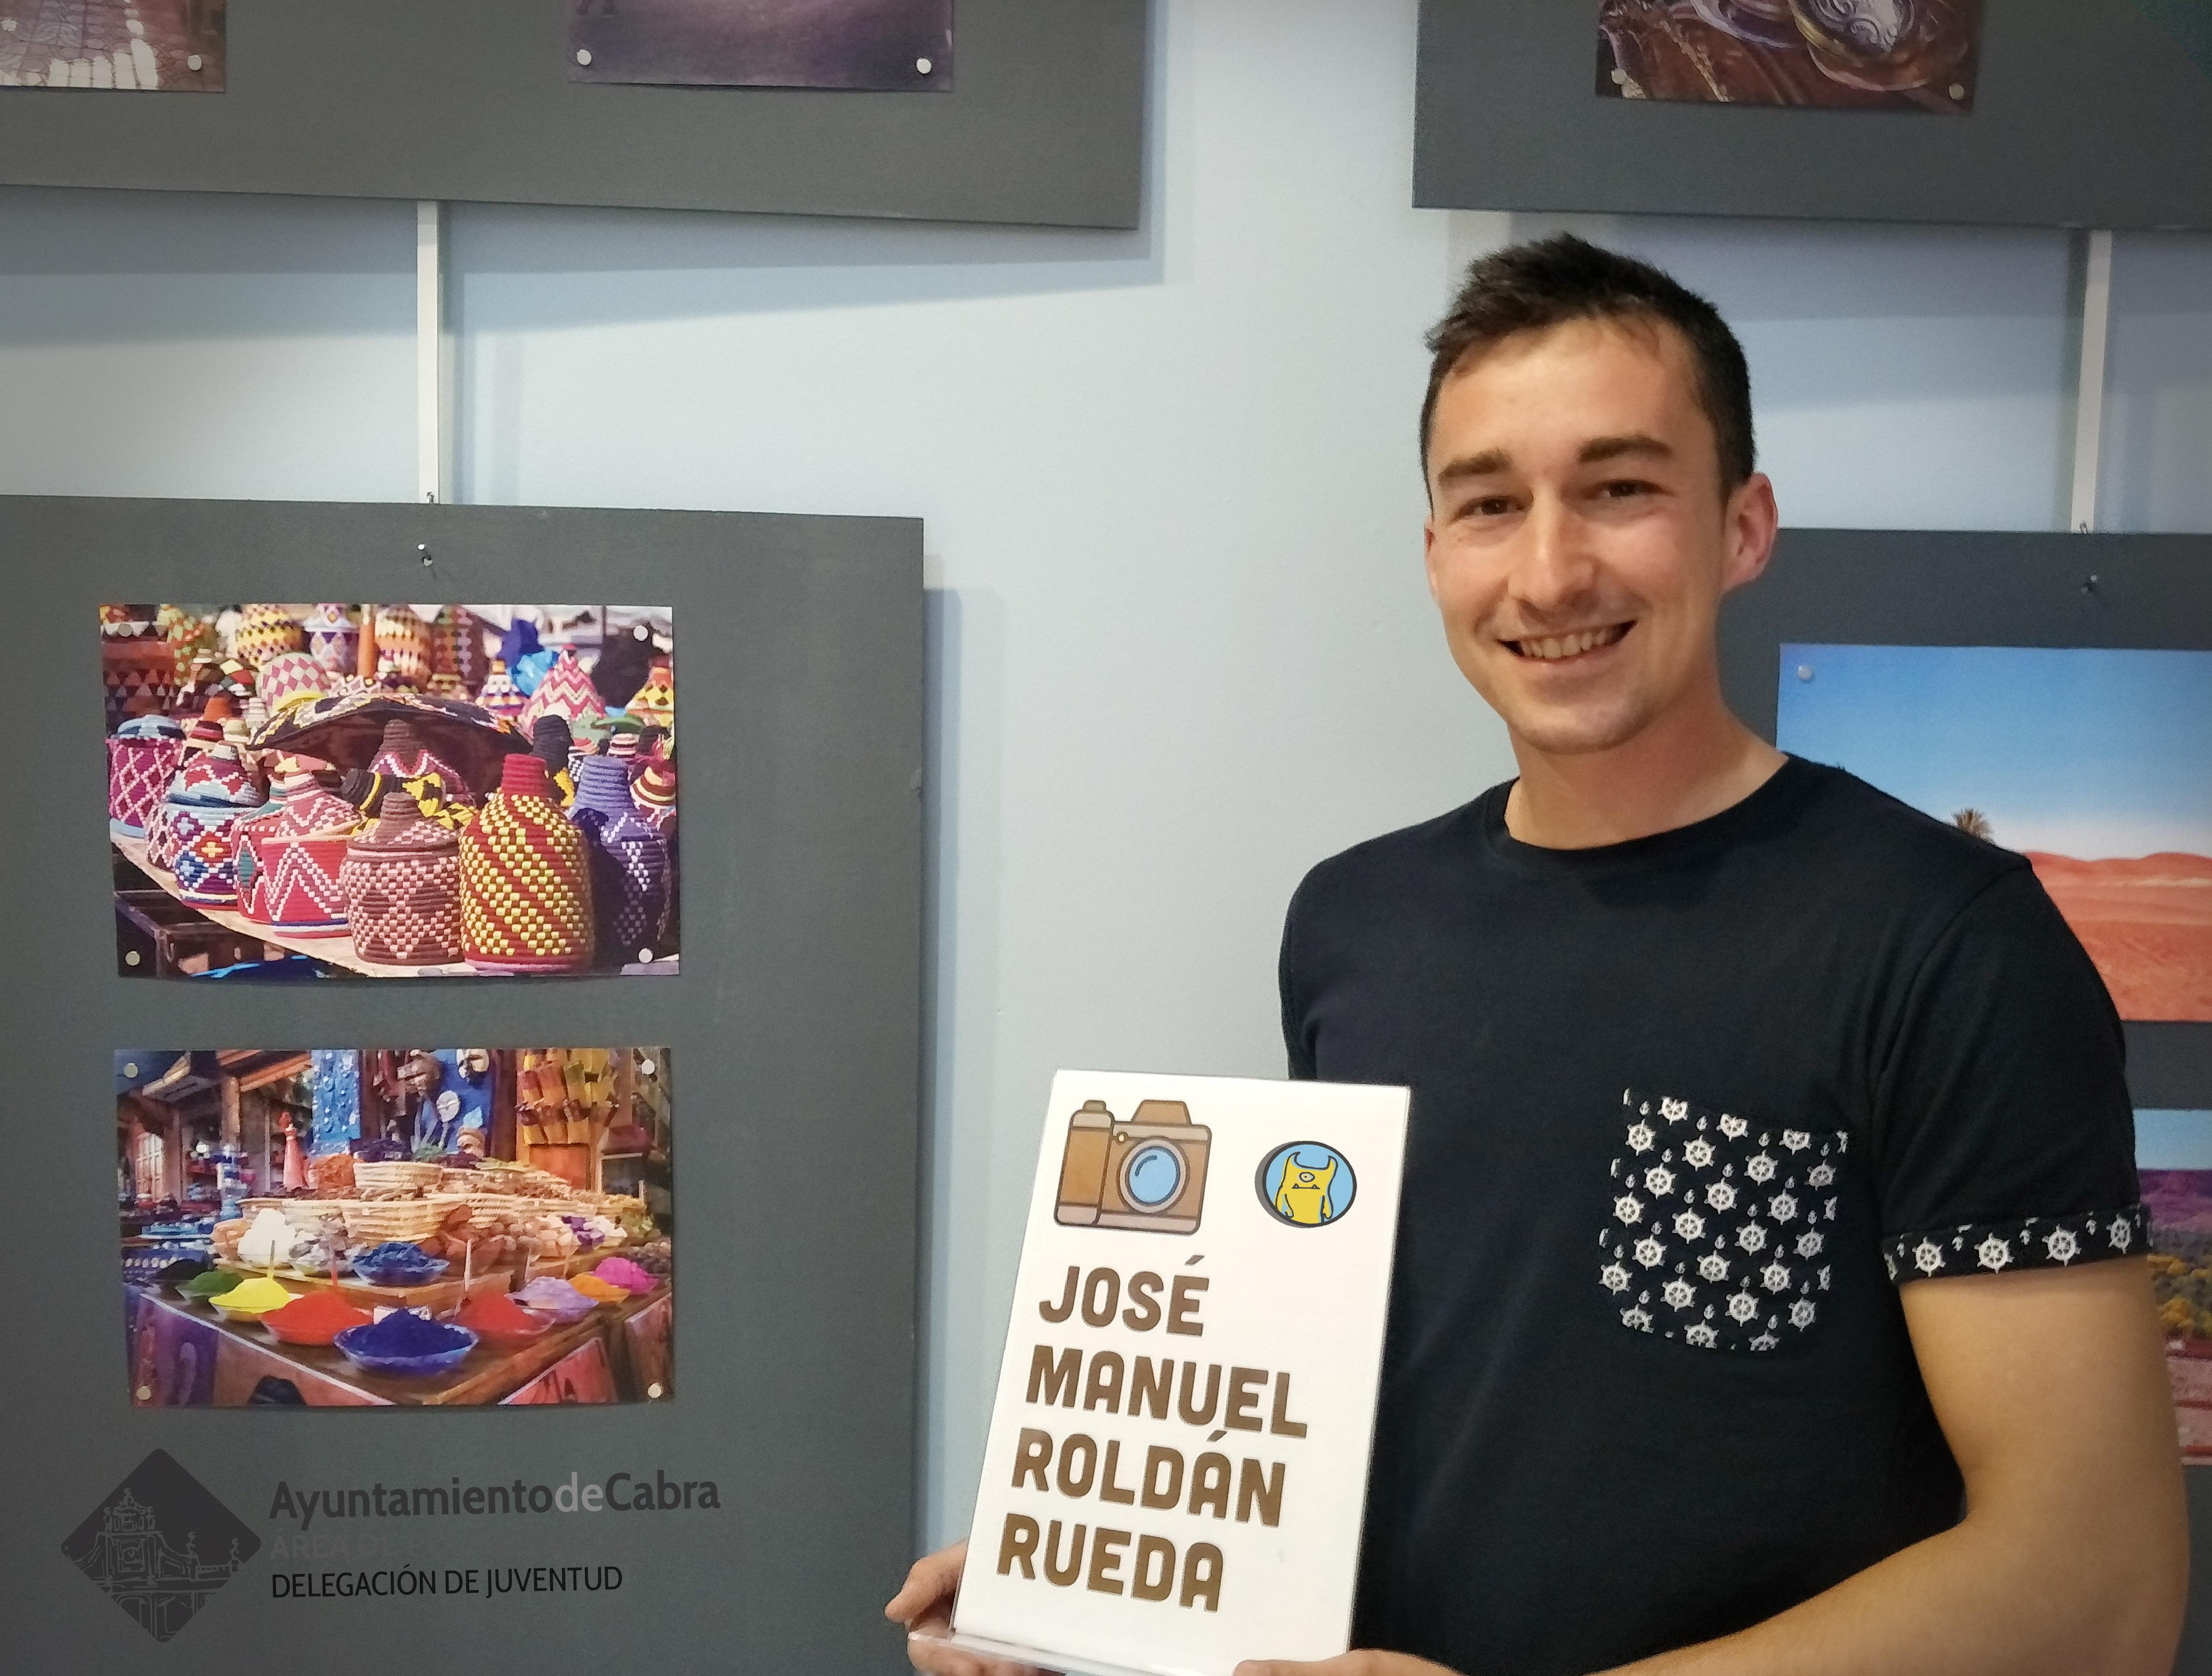 Una exposición de José M. Roldán presidirá la entrada de la Casa de la Juventud hasta junio